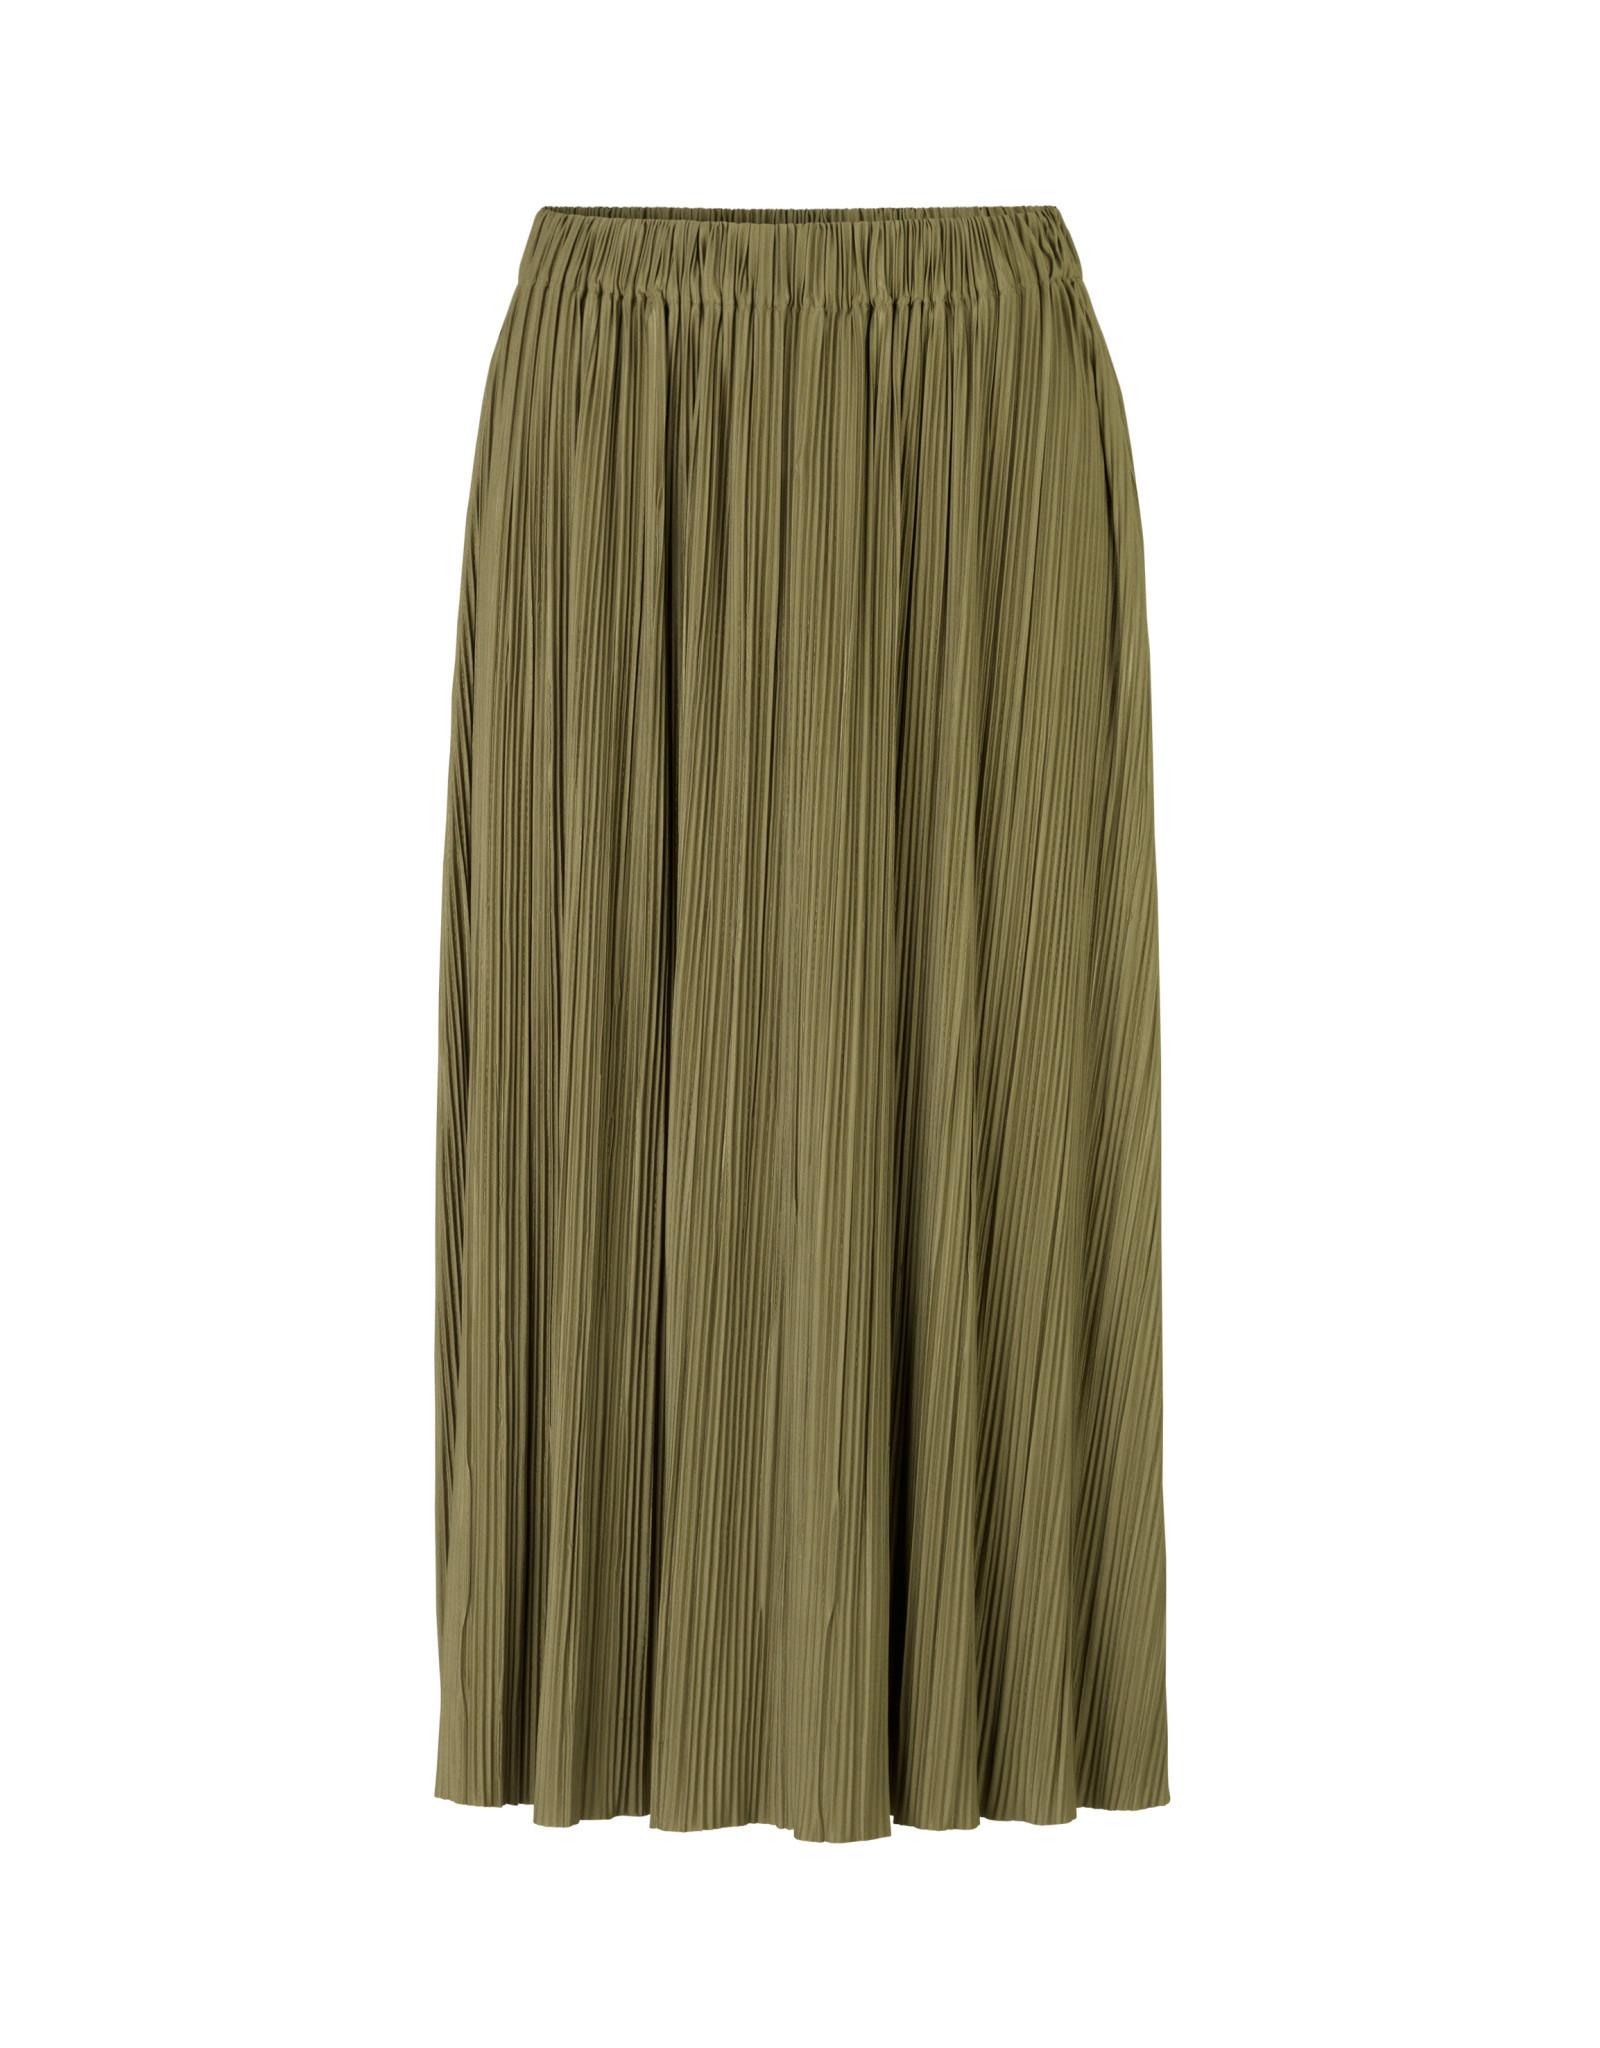 Samsoe & Samsoe Uma skirt 10167 Gothic olive